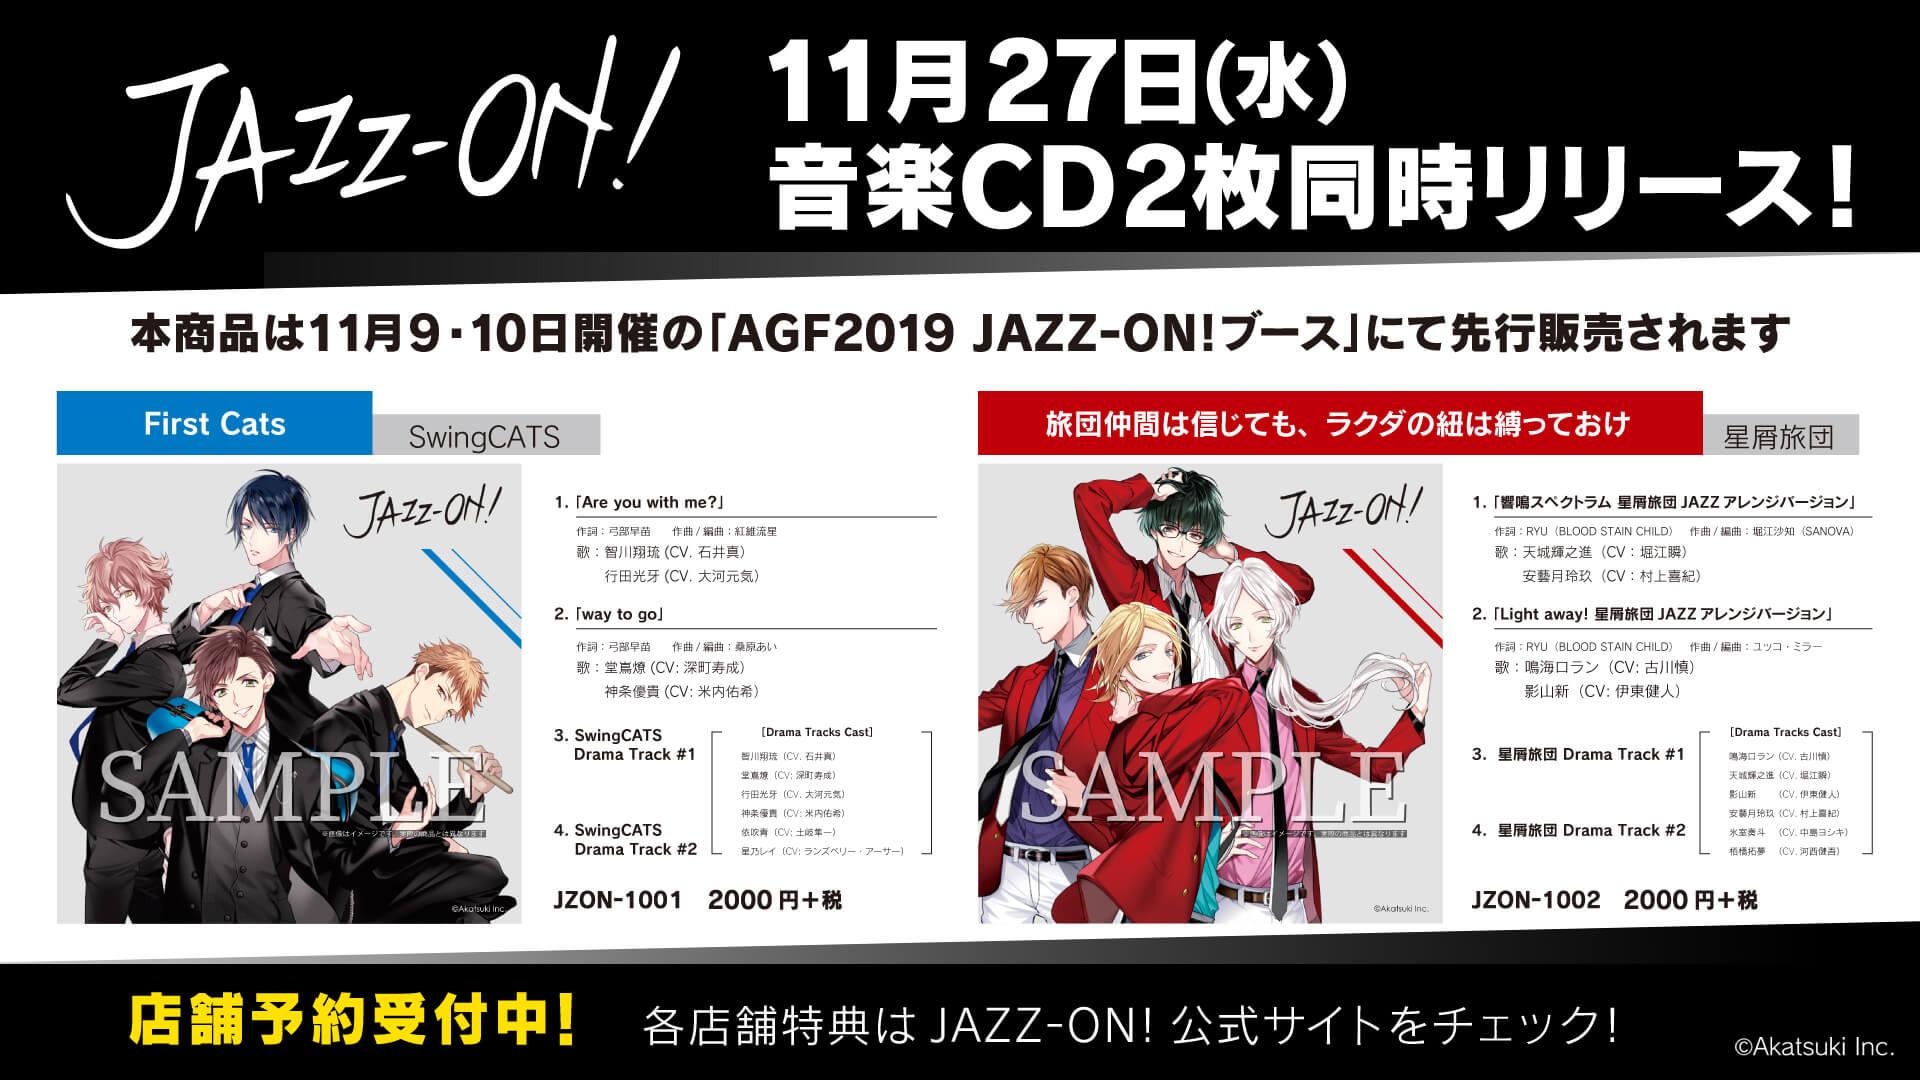 2枚の音楽CDを11月27日に同時リリース